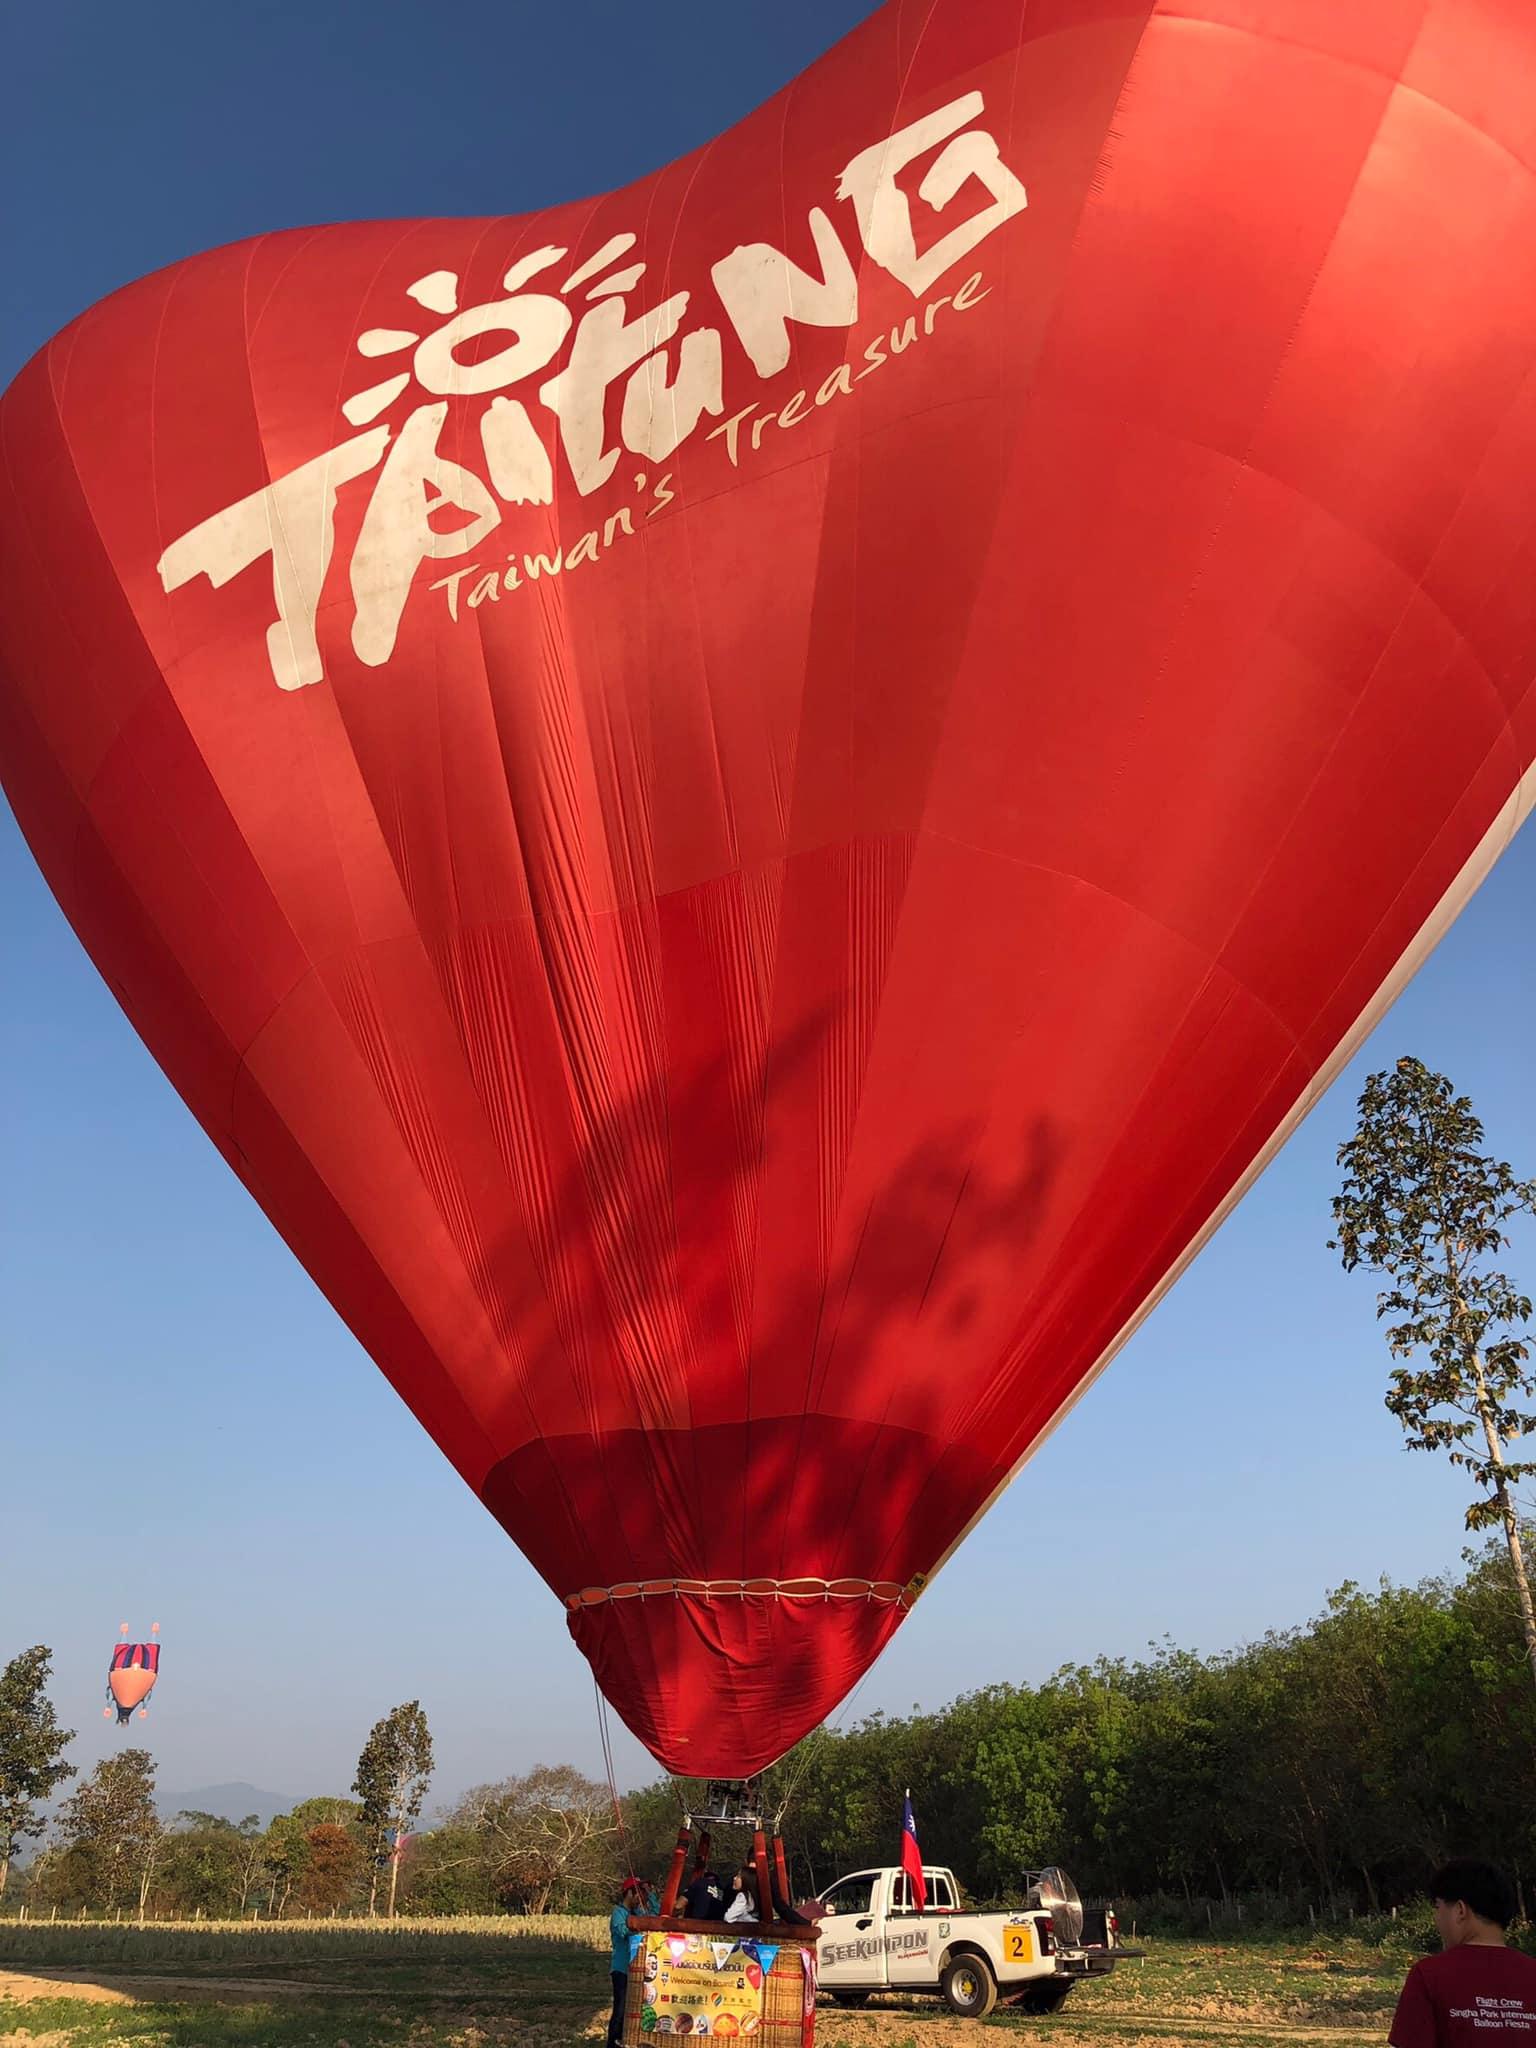 今天情人節,天際航空榮幸参與泰國清萊情人節熱氣球活動、有當地20新人搭乘熱氣球活動、今日我們團隊也載著新人搭乘愛心球起飛,新婚乘客為泰國當地著名明星,浪漫🌹100分,也祝福大家情人節快樂喔!